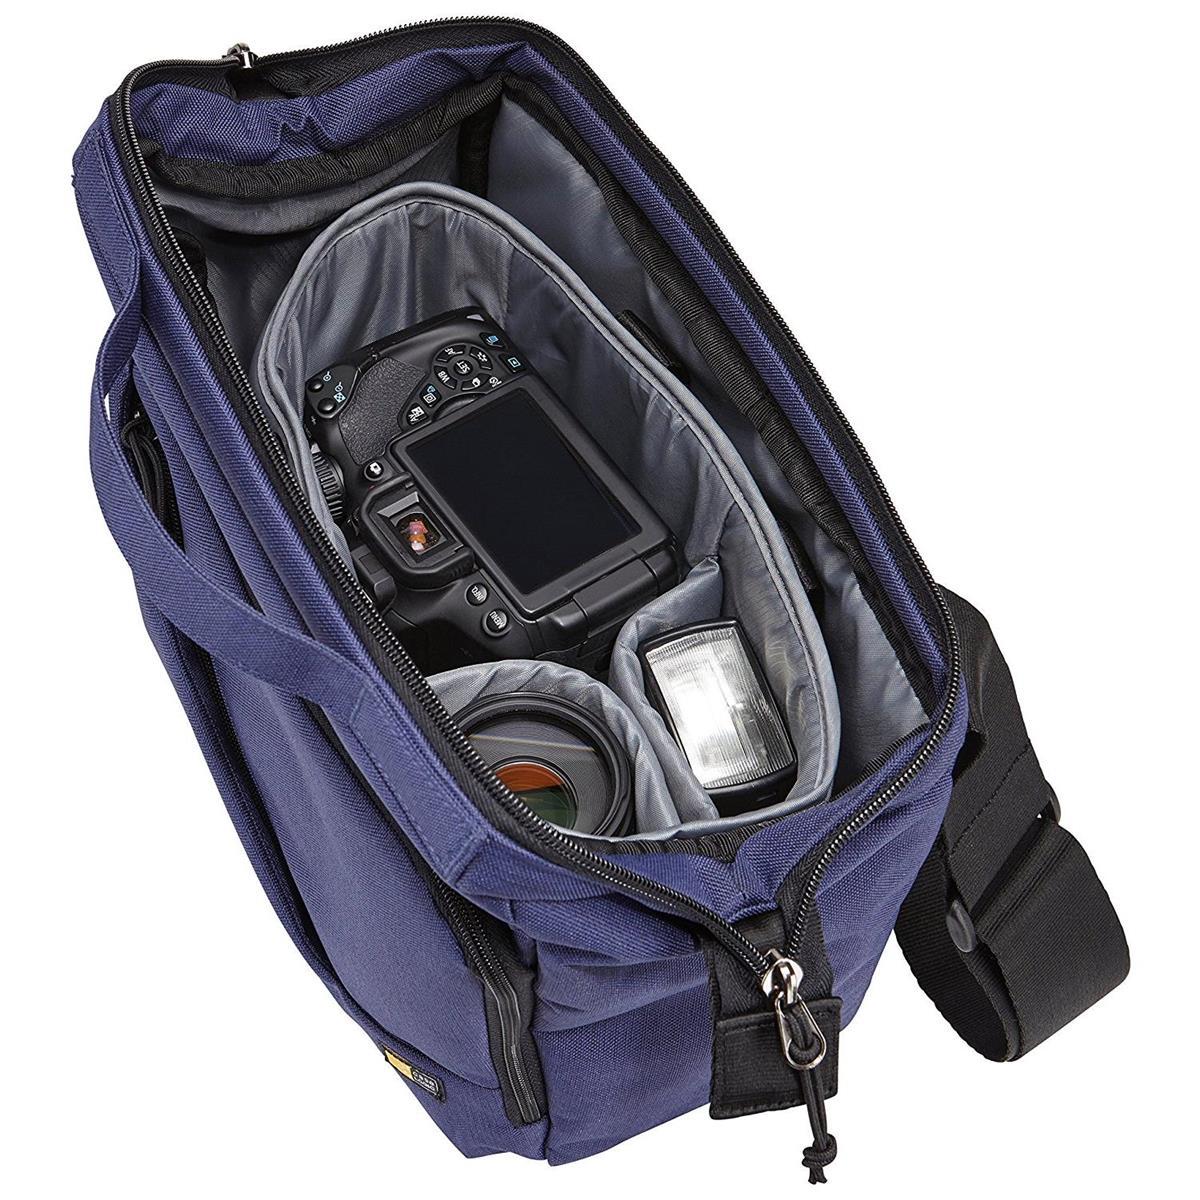 Case Logic Reflexion DSLR + Lenses & More Shoulder Bag $20 + free shipping